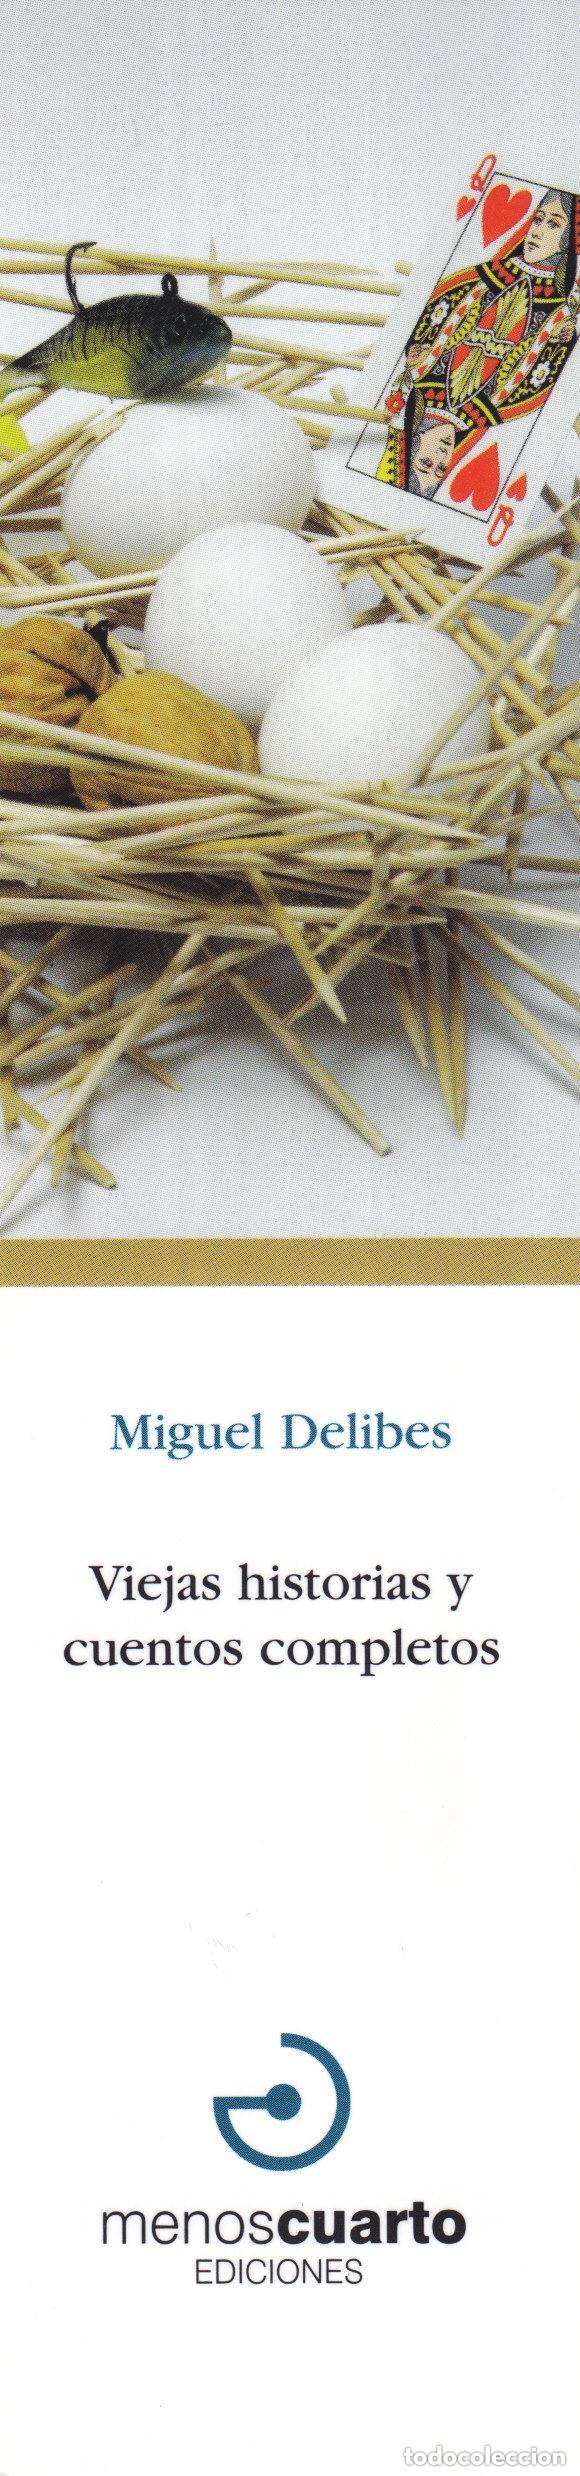 MARCAPAGINAS: VIEJAS HISTORIAS Y CUENTOS COMPLETOS - EDITORIAL MENOS CUARTO